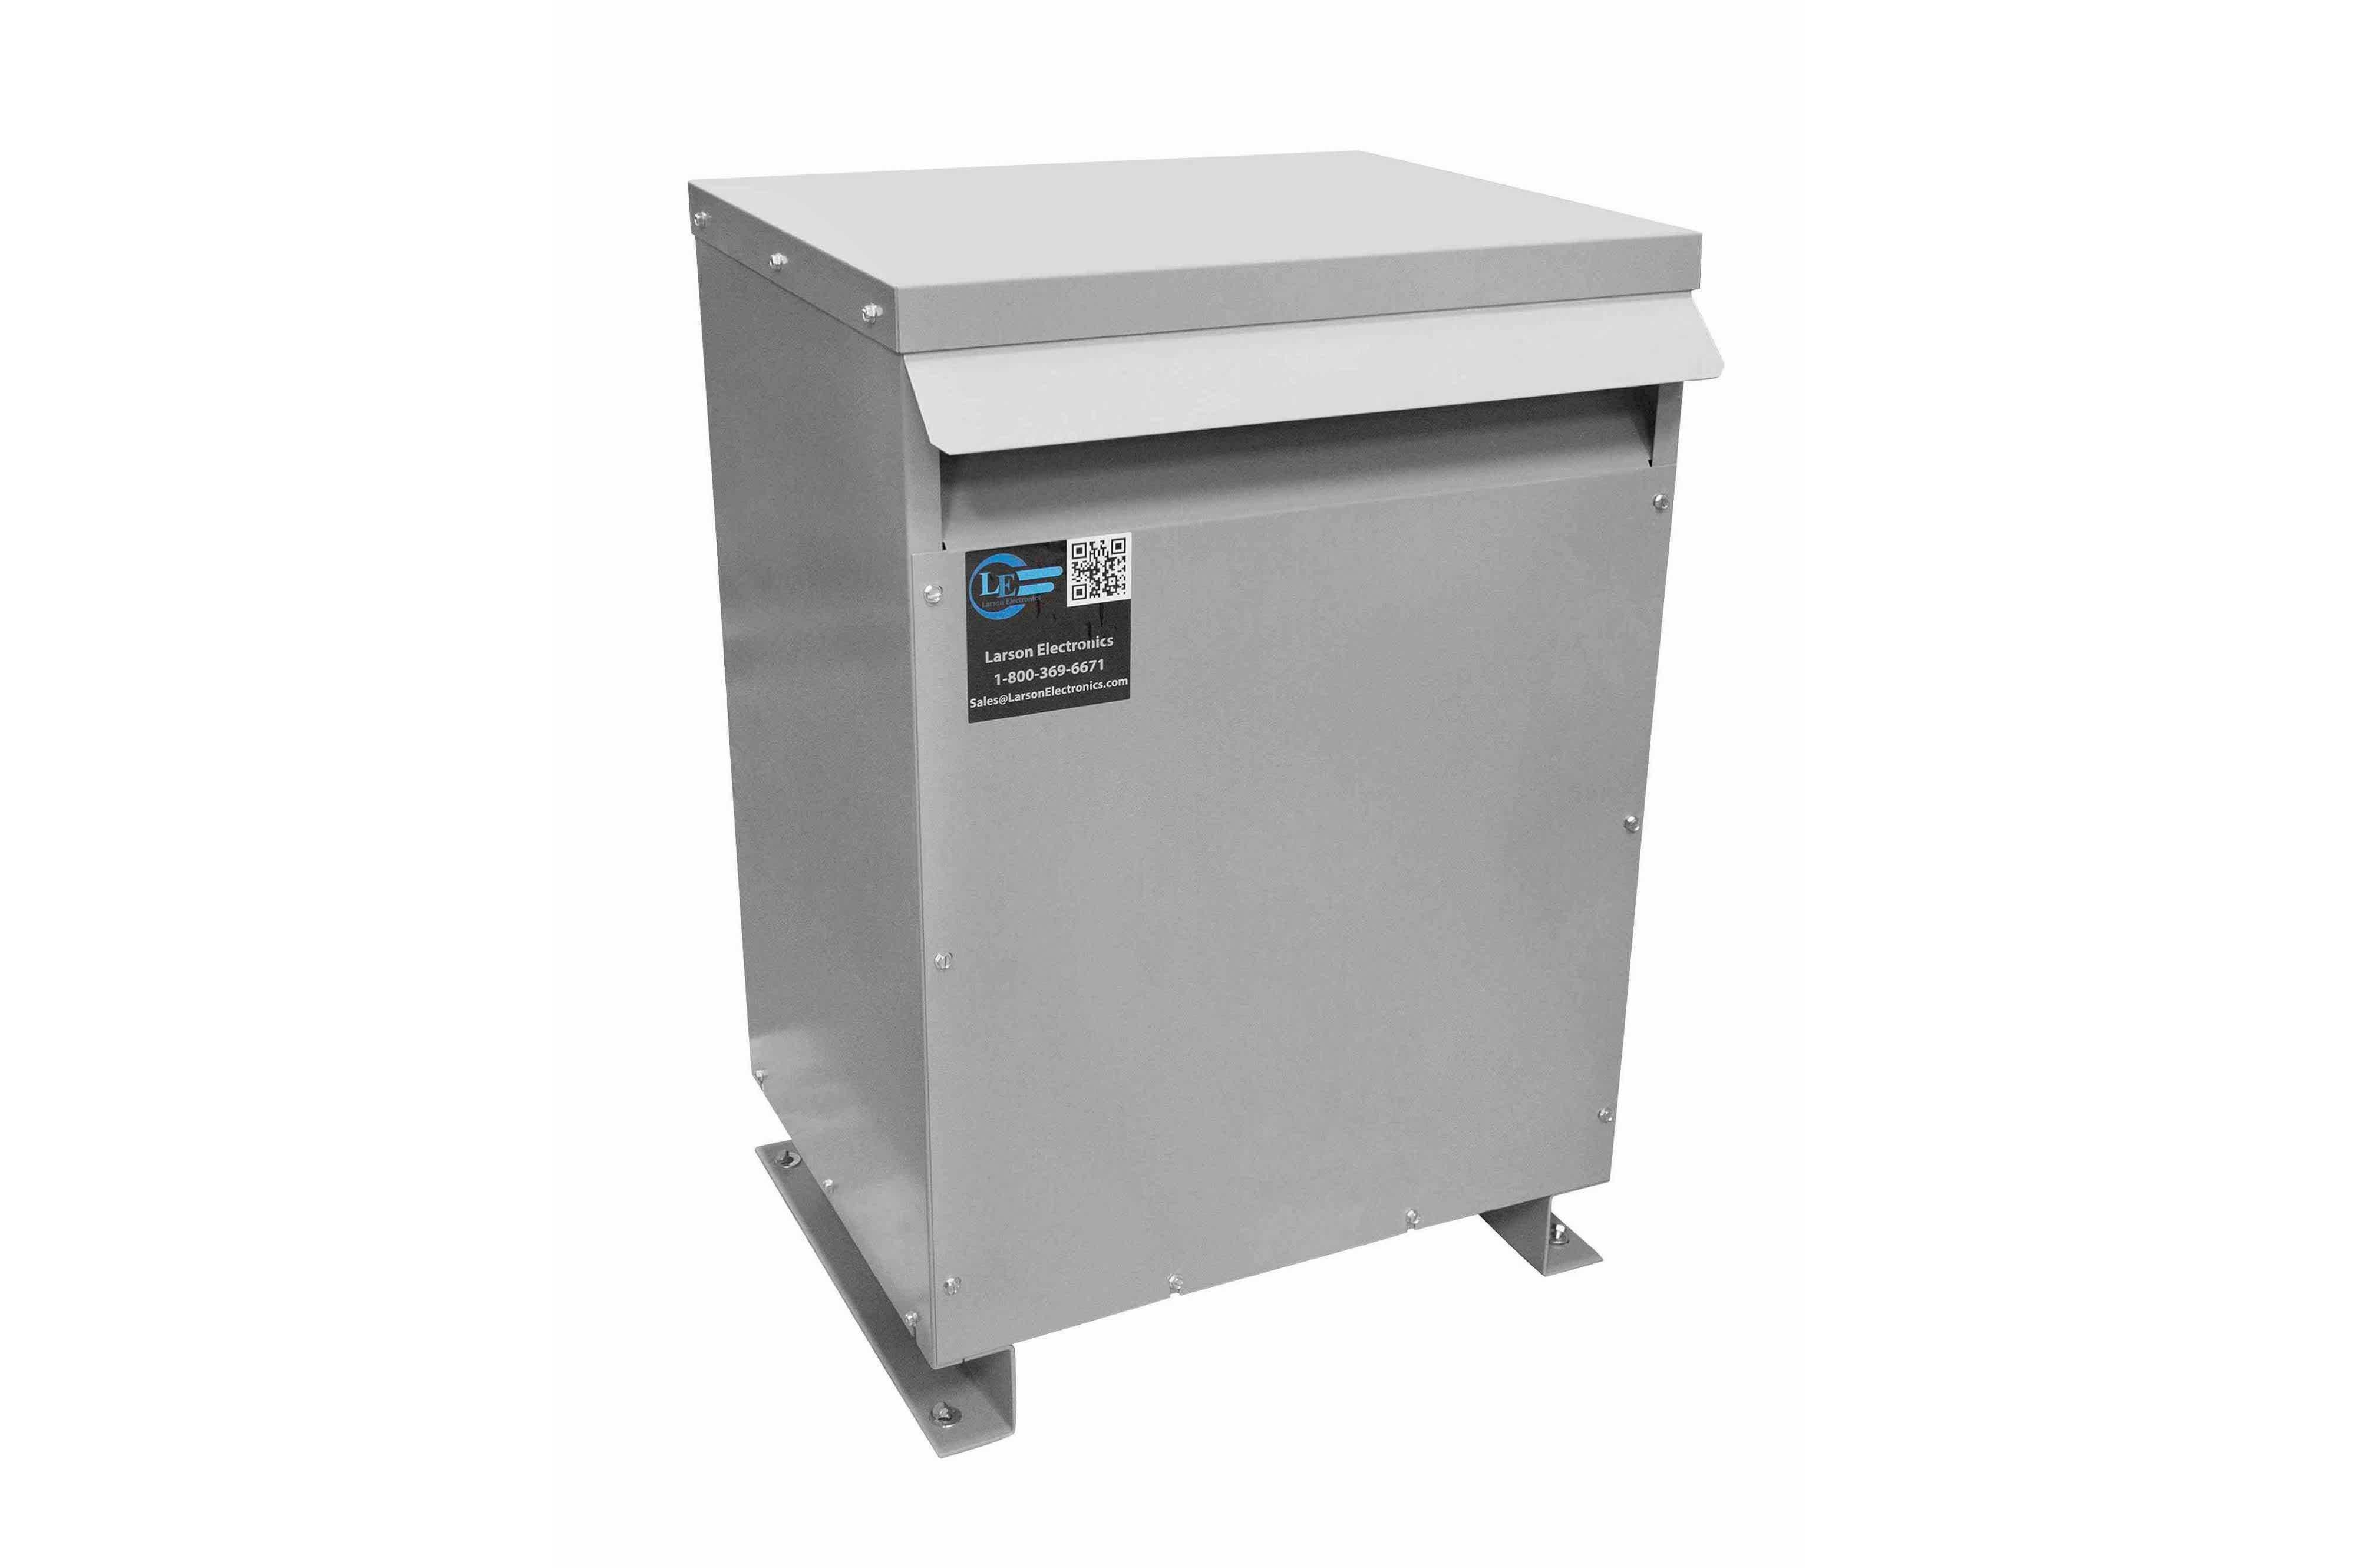 11 kVA 3PH Isolation Transformer, 600V Delta Primary, 415V Delta Secondary, N3R, Ventilated, 60 Hz